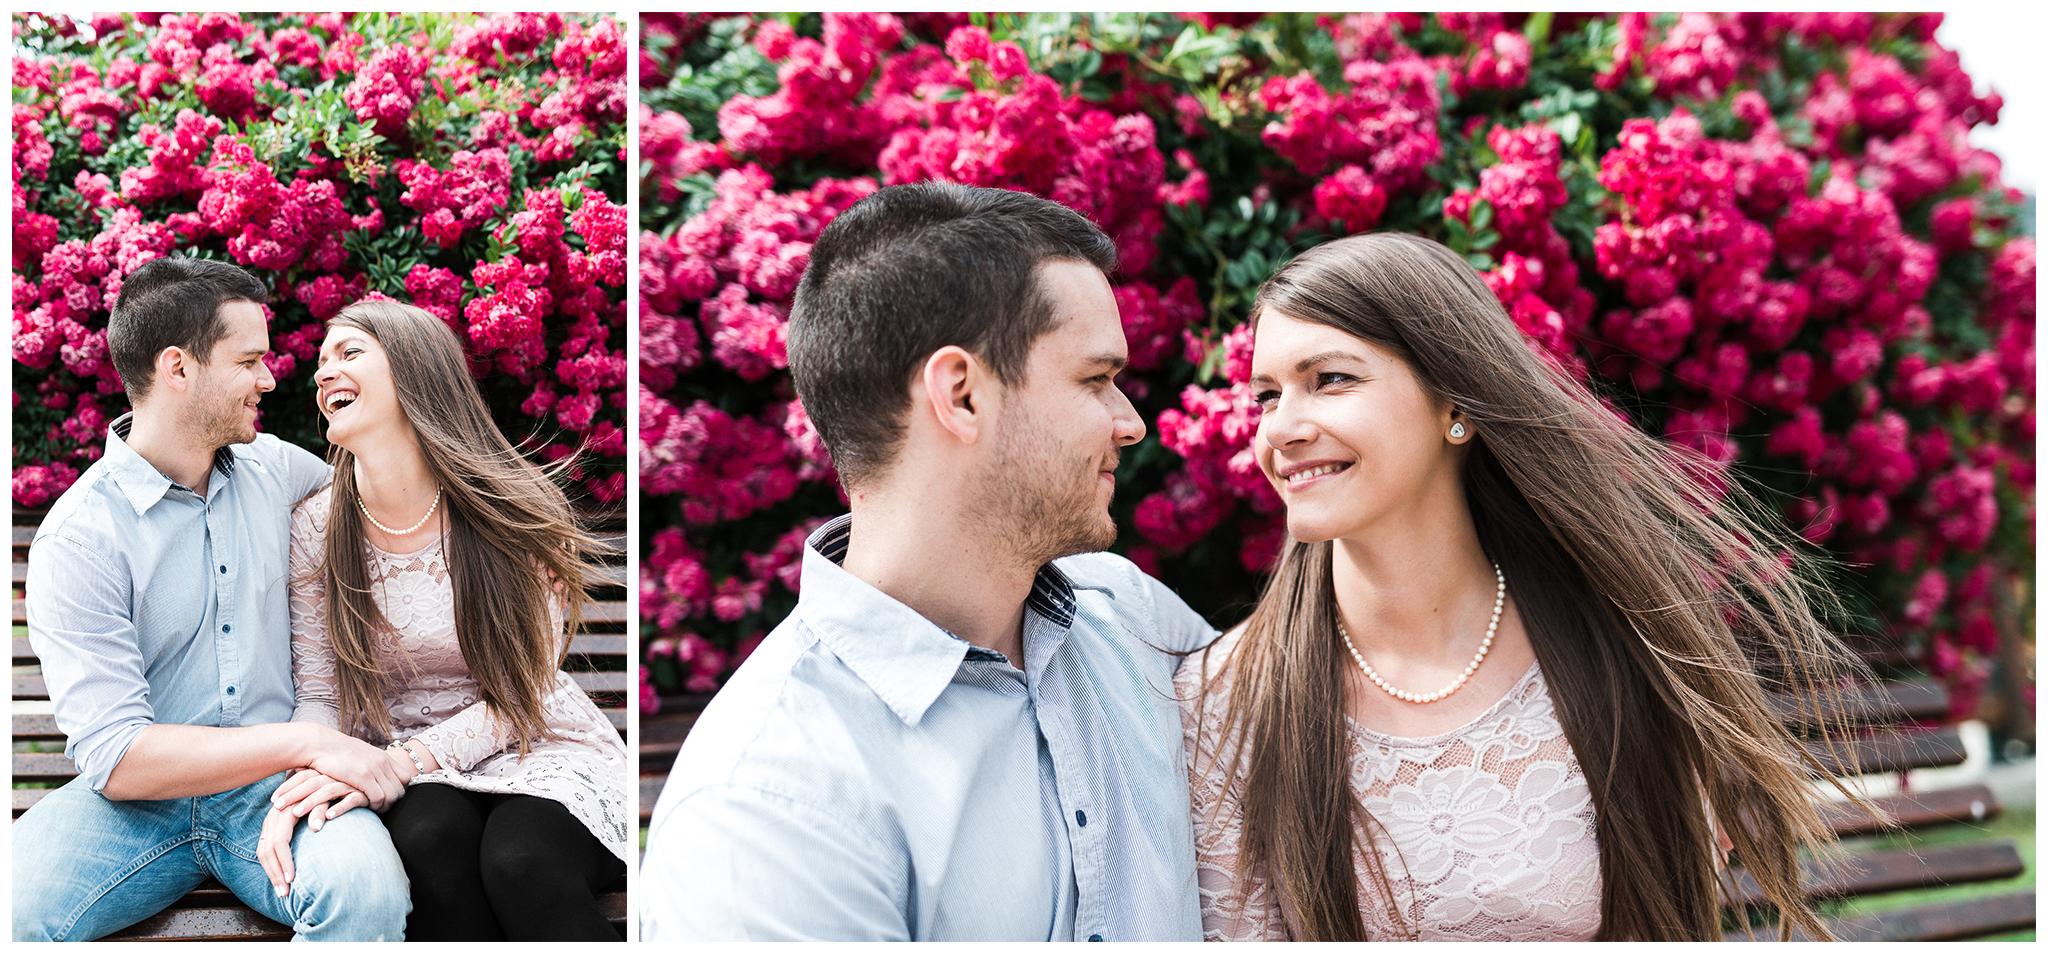 MONT_FylepPhoto, Esküvőfotós Vasmegye, Esküvő fotózás, Esküvői fotós, Körmend, Vas megye, Dunántúl, Budapest, Fülöp Péter, Jegyes fotózás, jegyes, kreatív, kreatívfotózás, Balaton, Ausztira_009.jpg